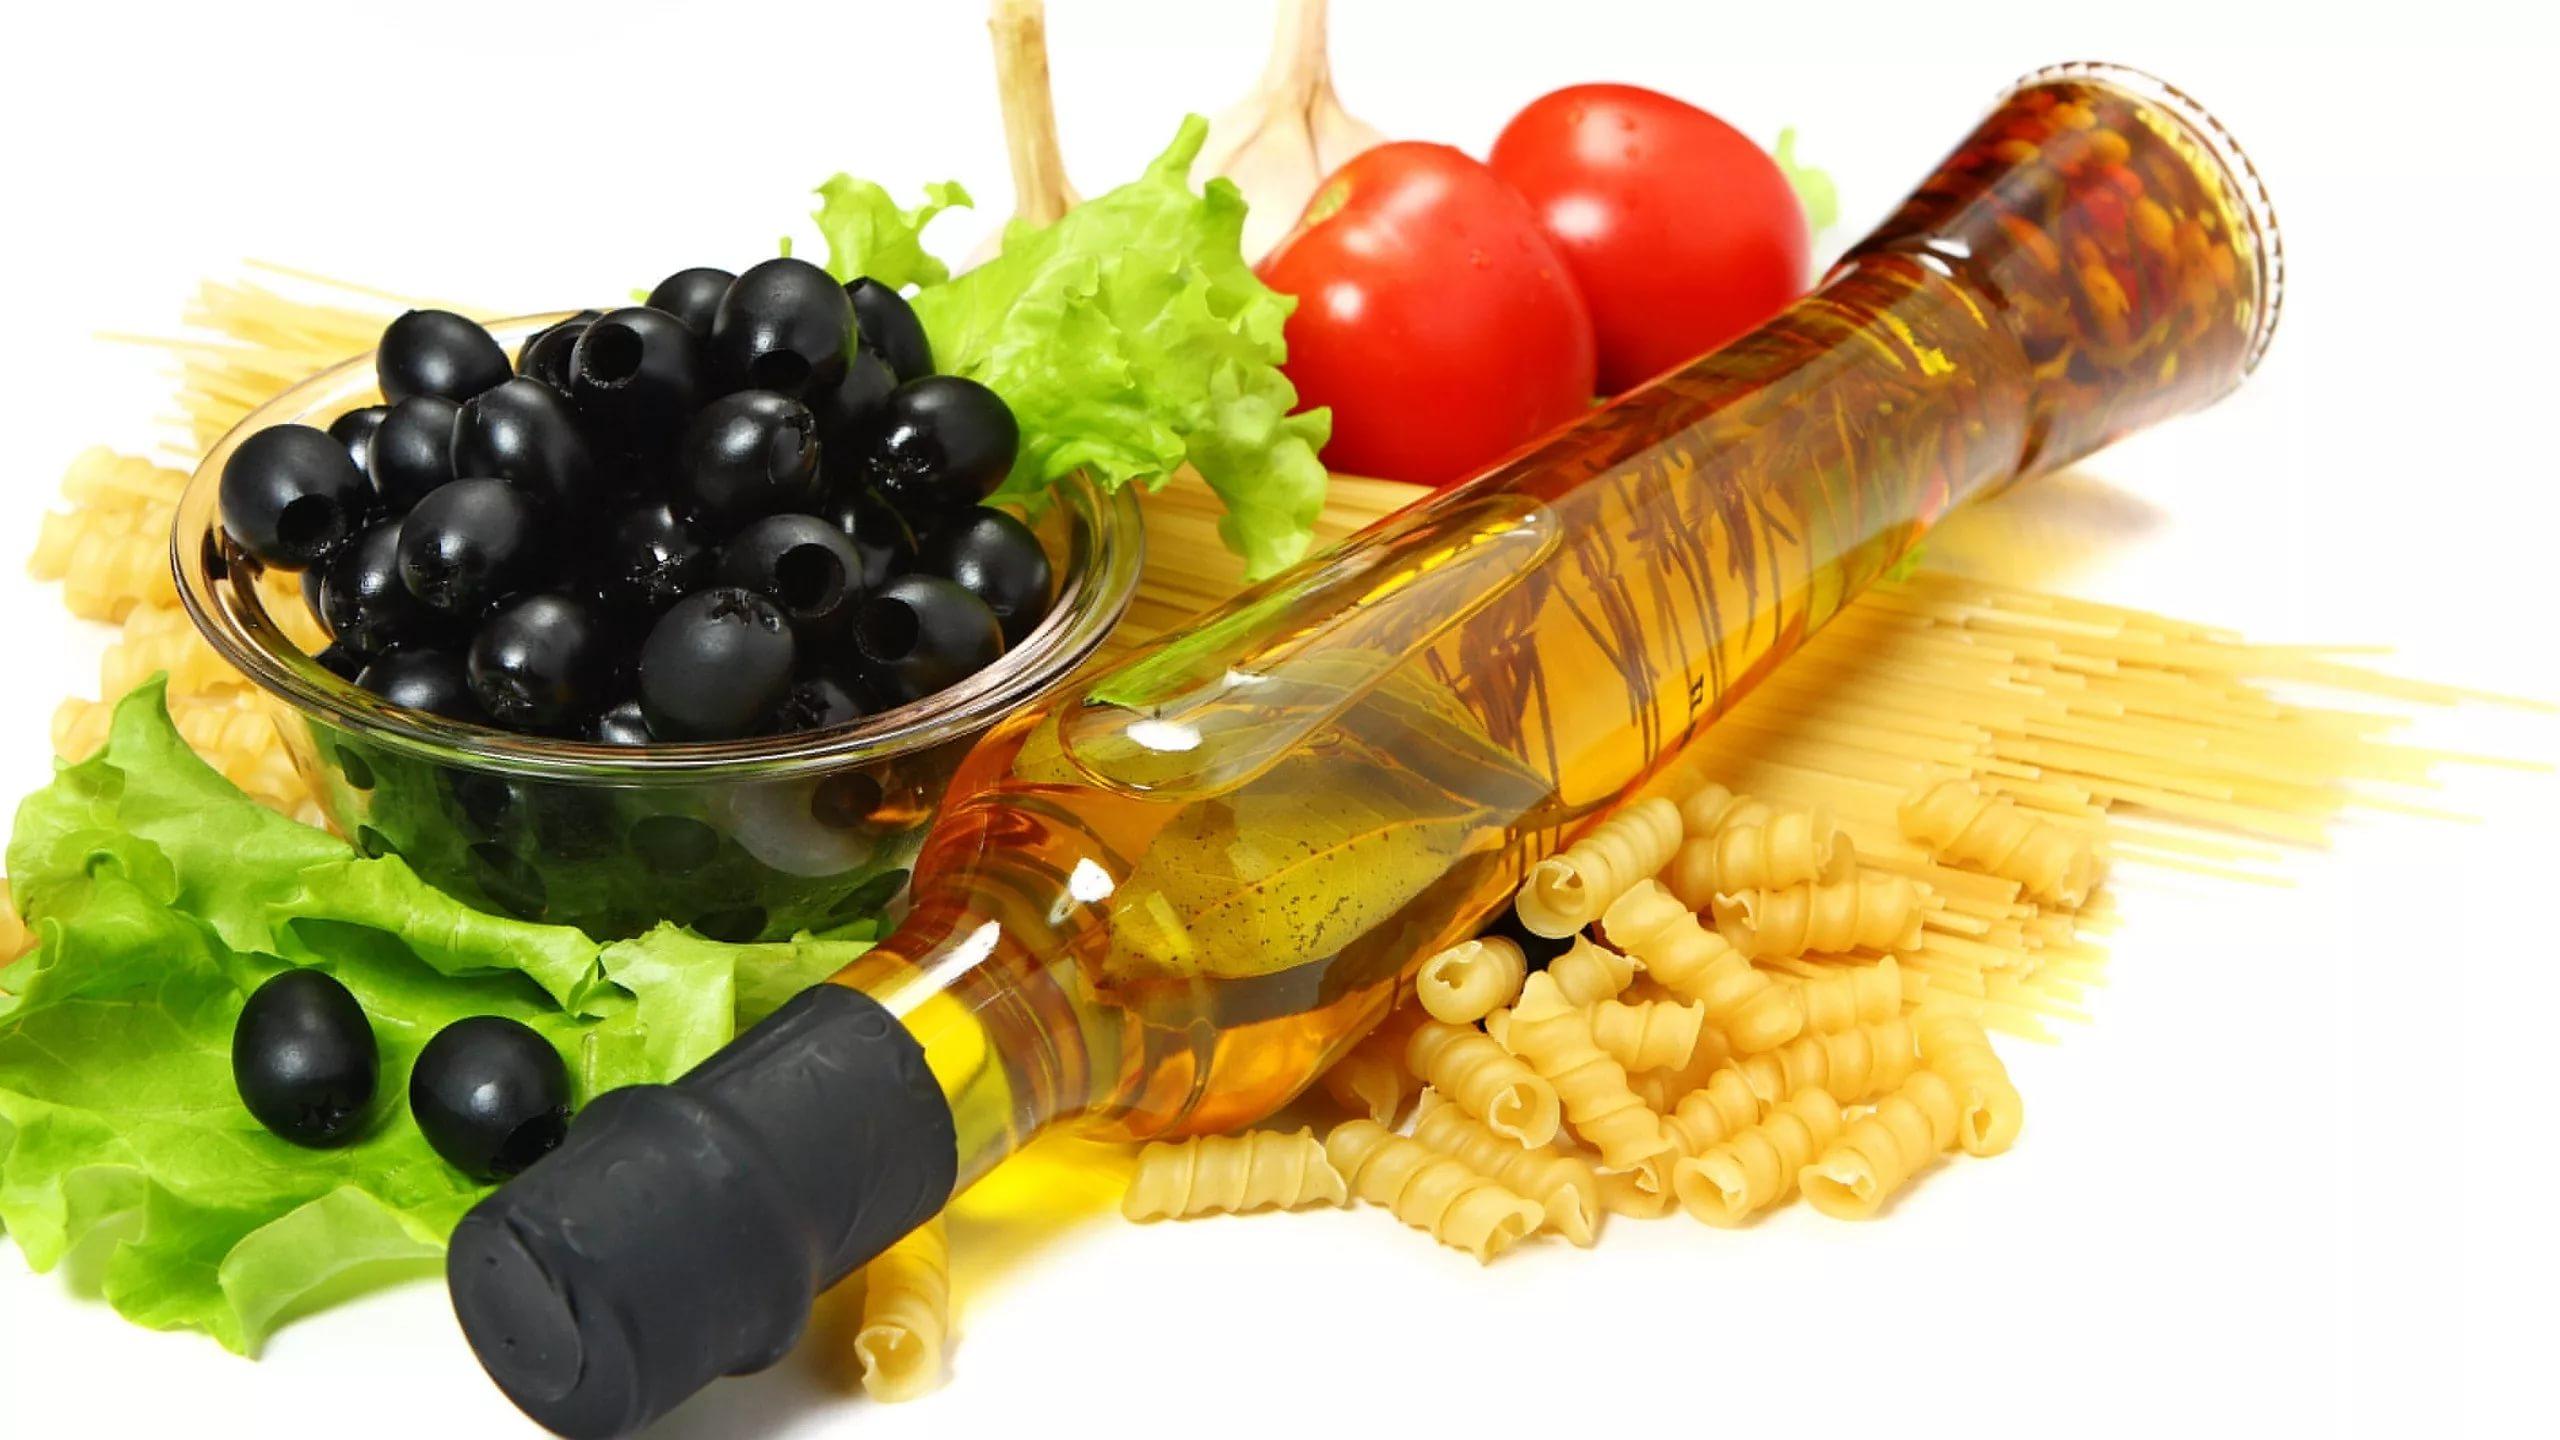 Картинка по теме: Можно ли заморозить маслины?